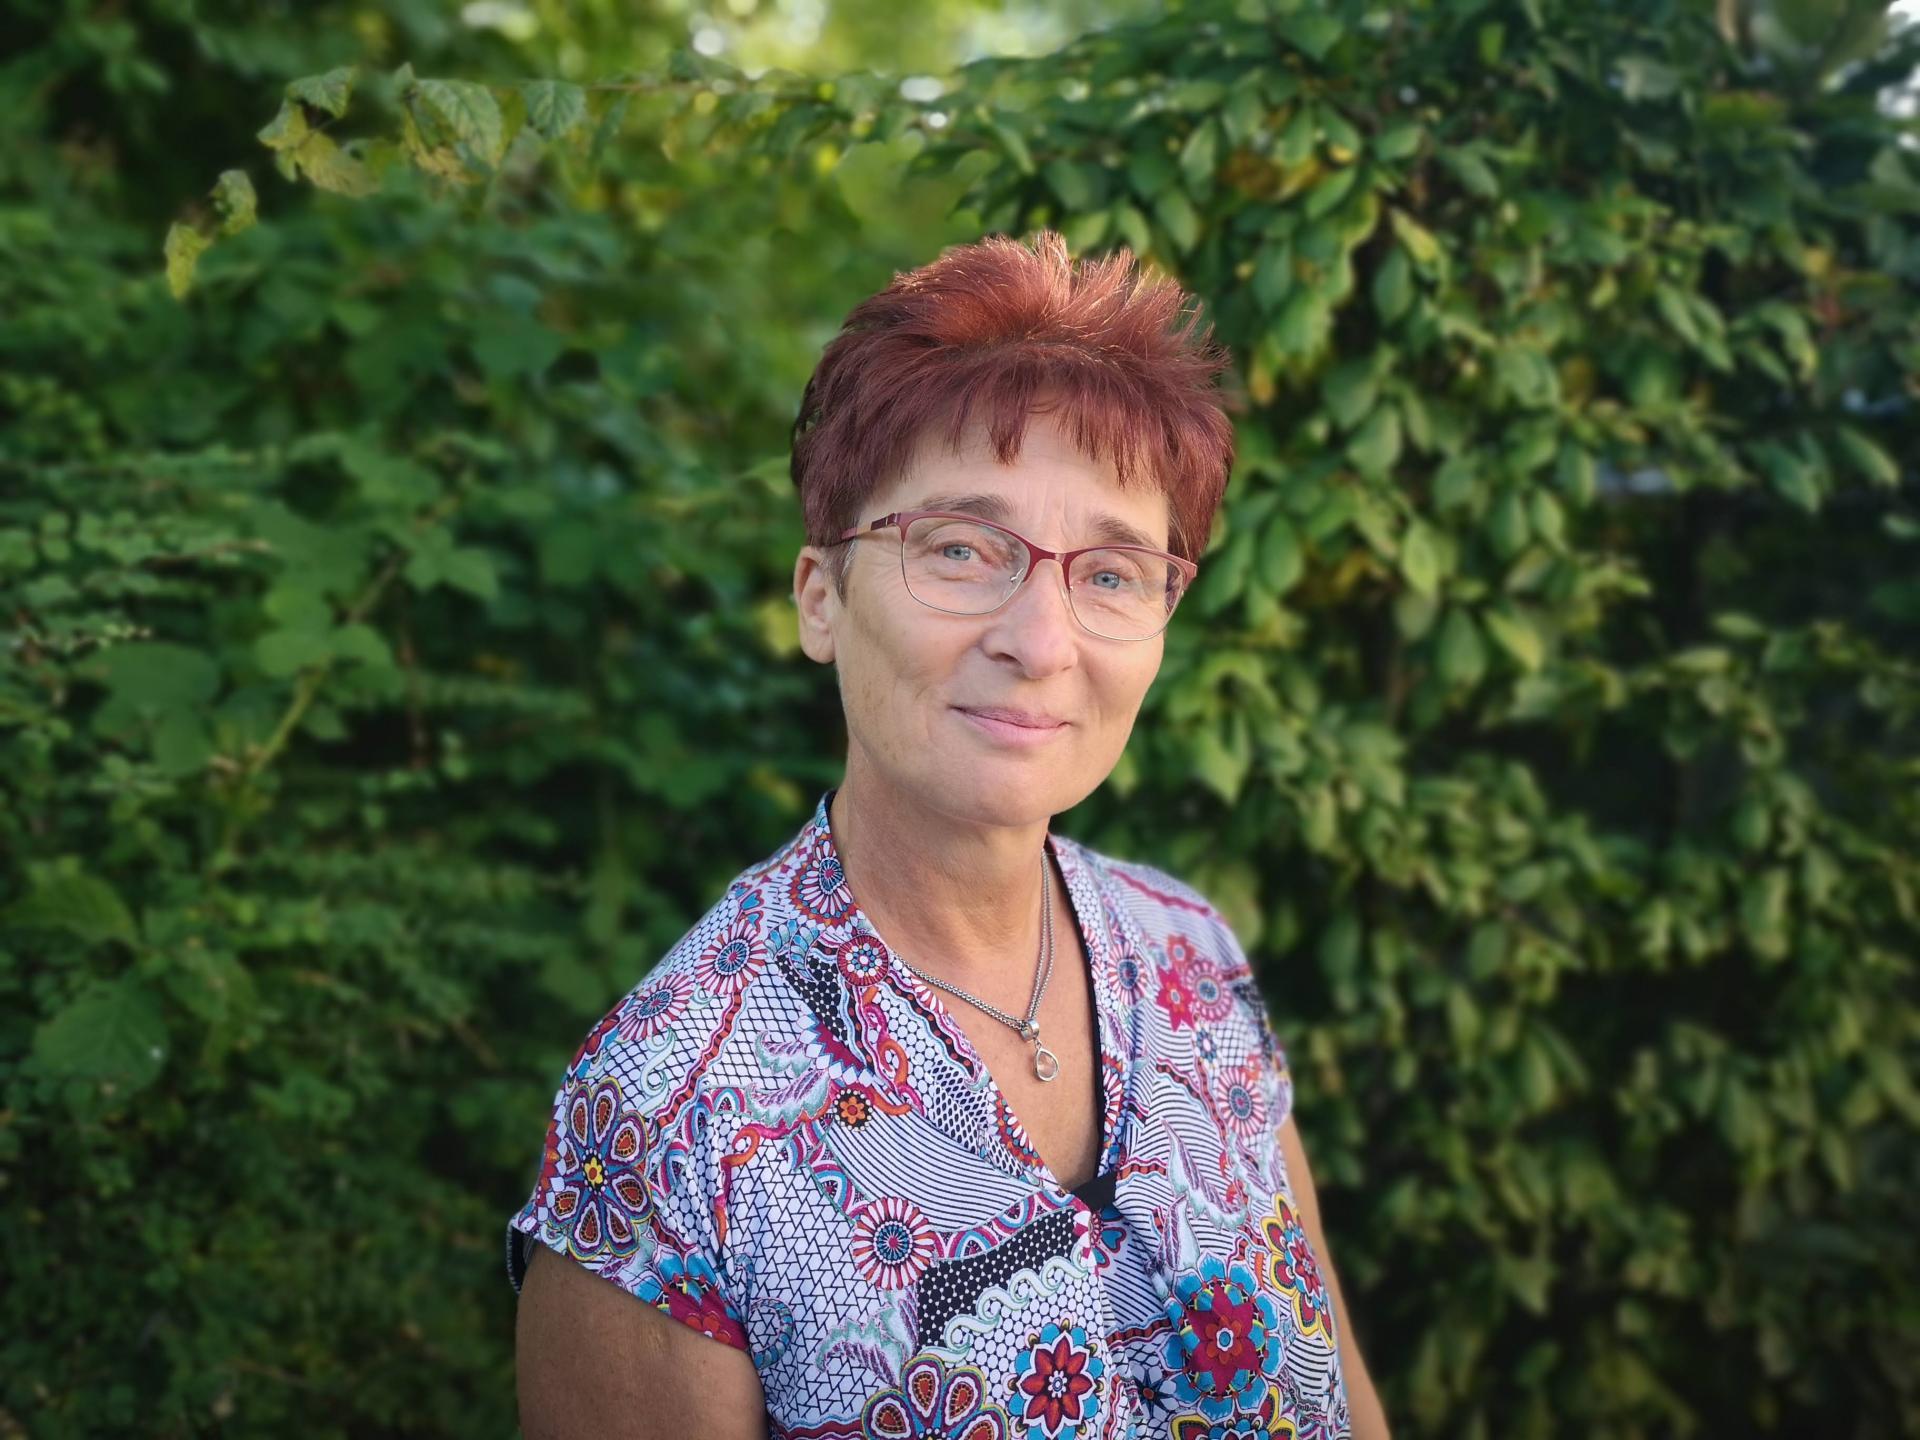 Frau Skrowonek